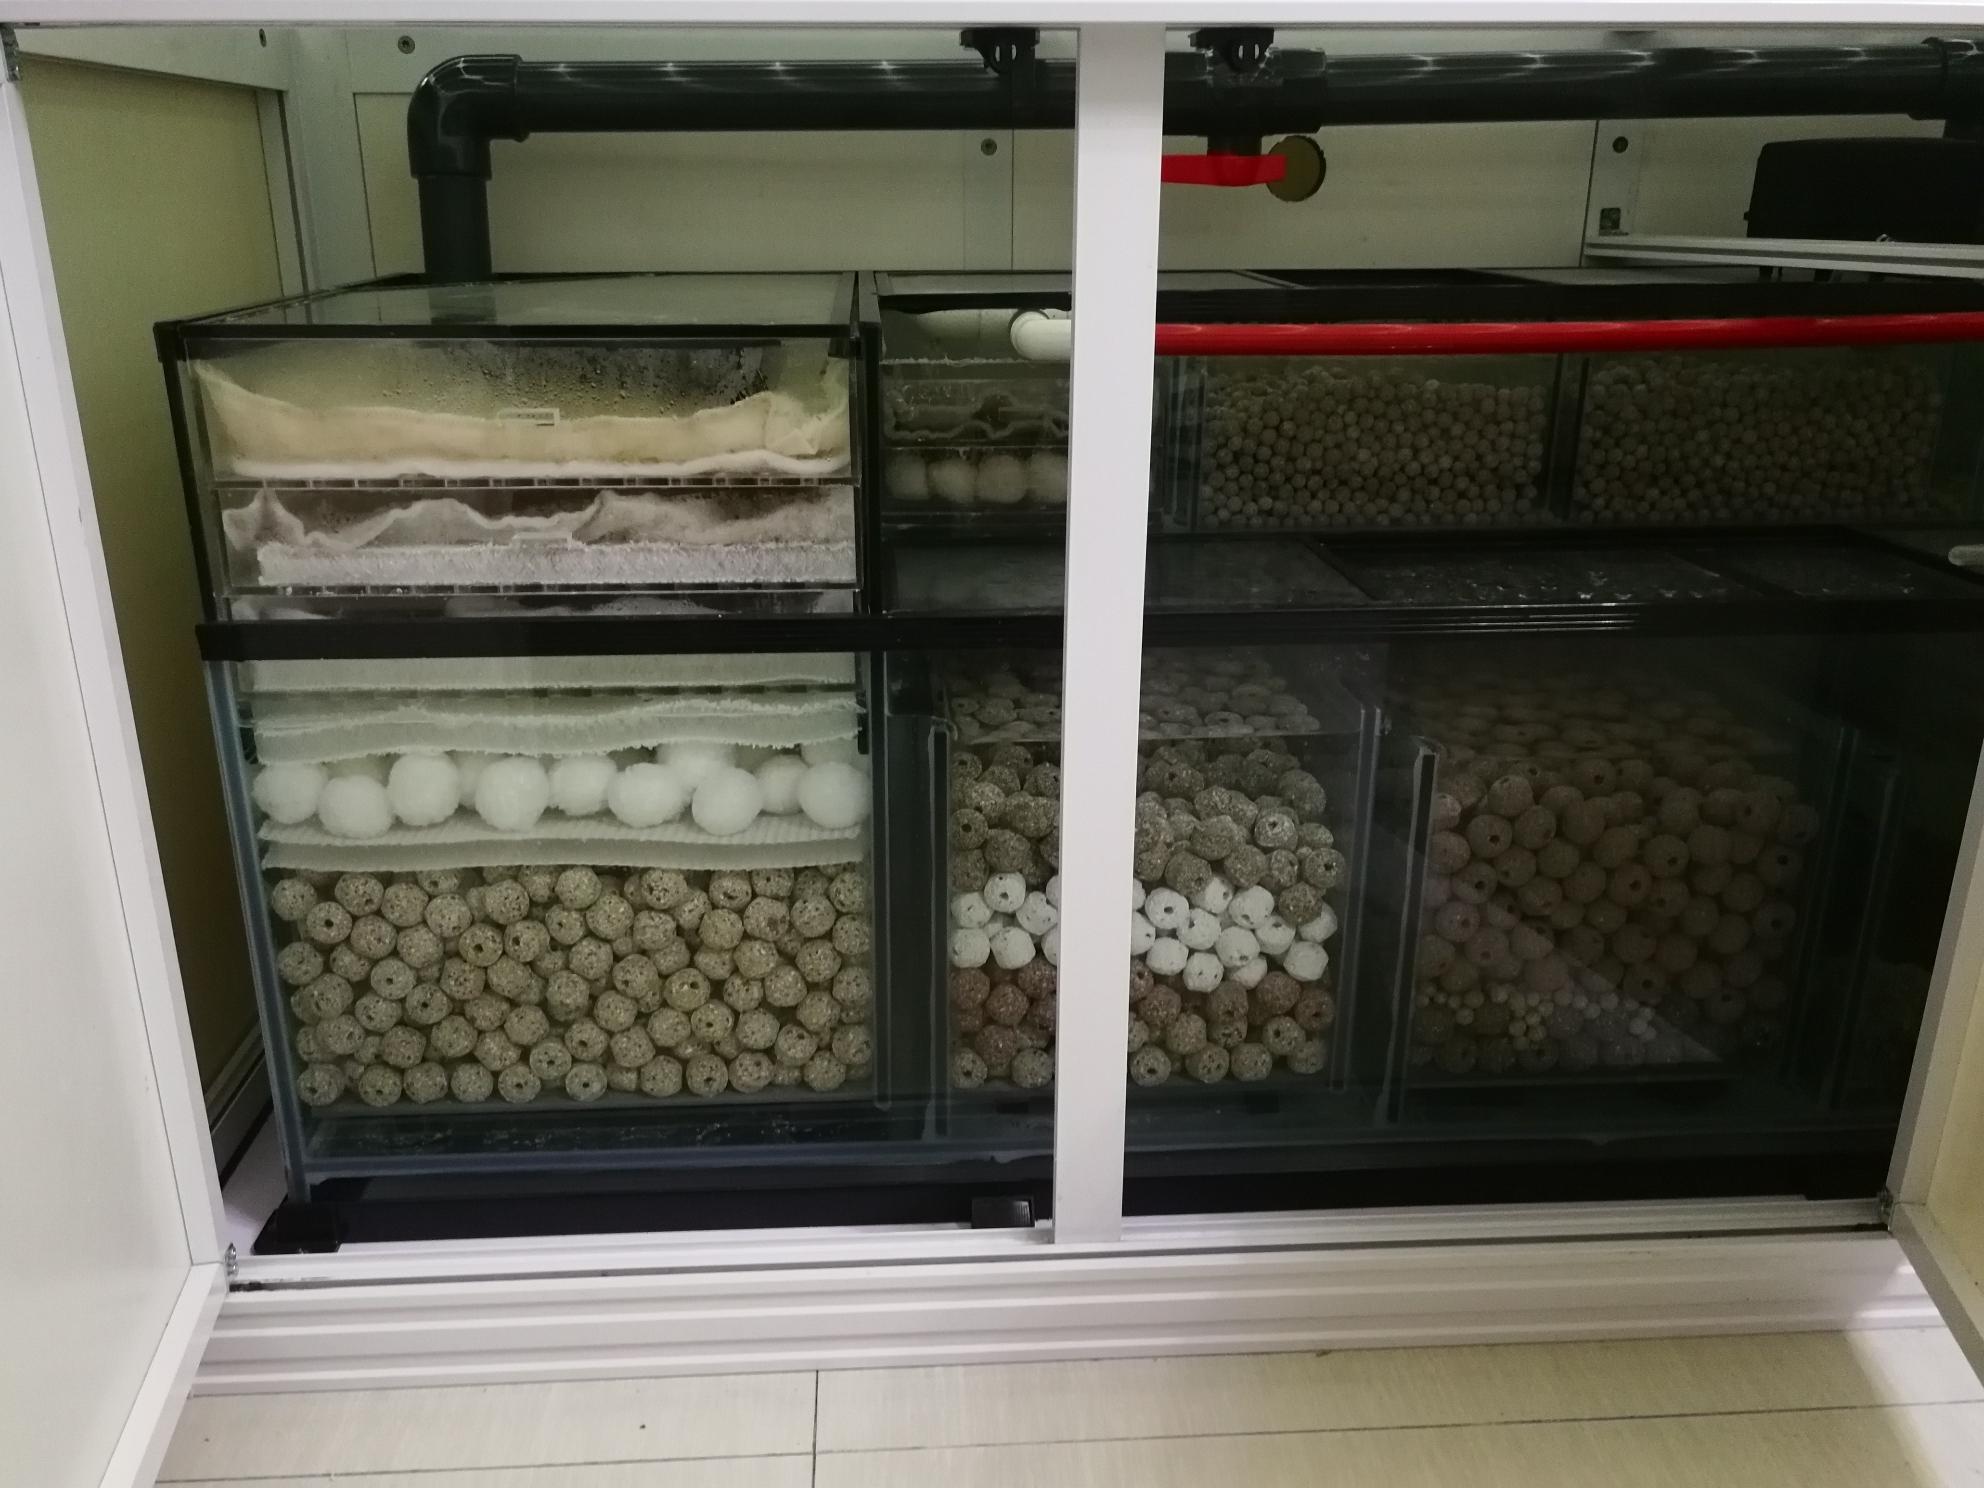 西安欢心甸市场动手制作干湿分离盖板 西安观赏鱼信息 西安博特第7张